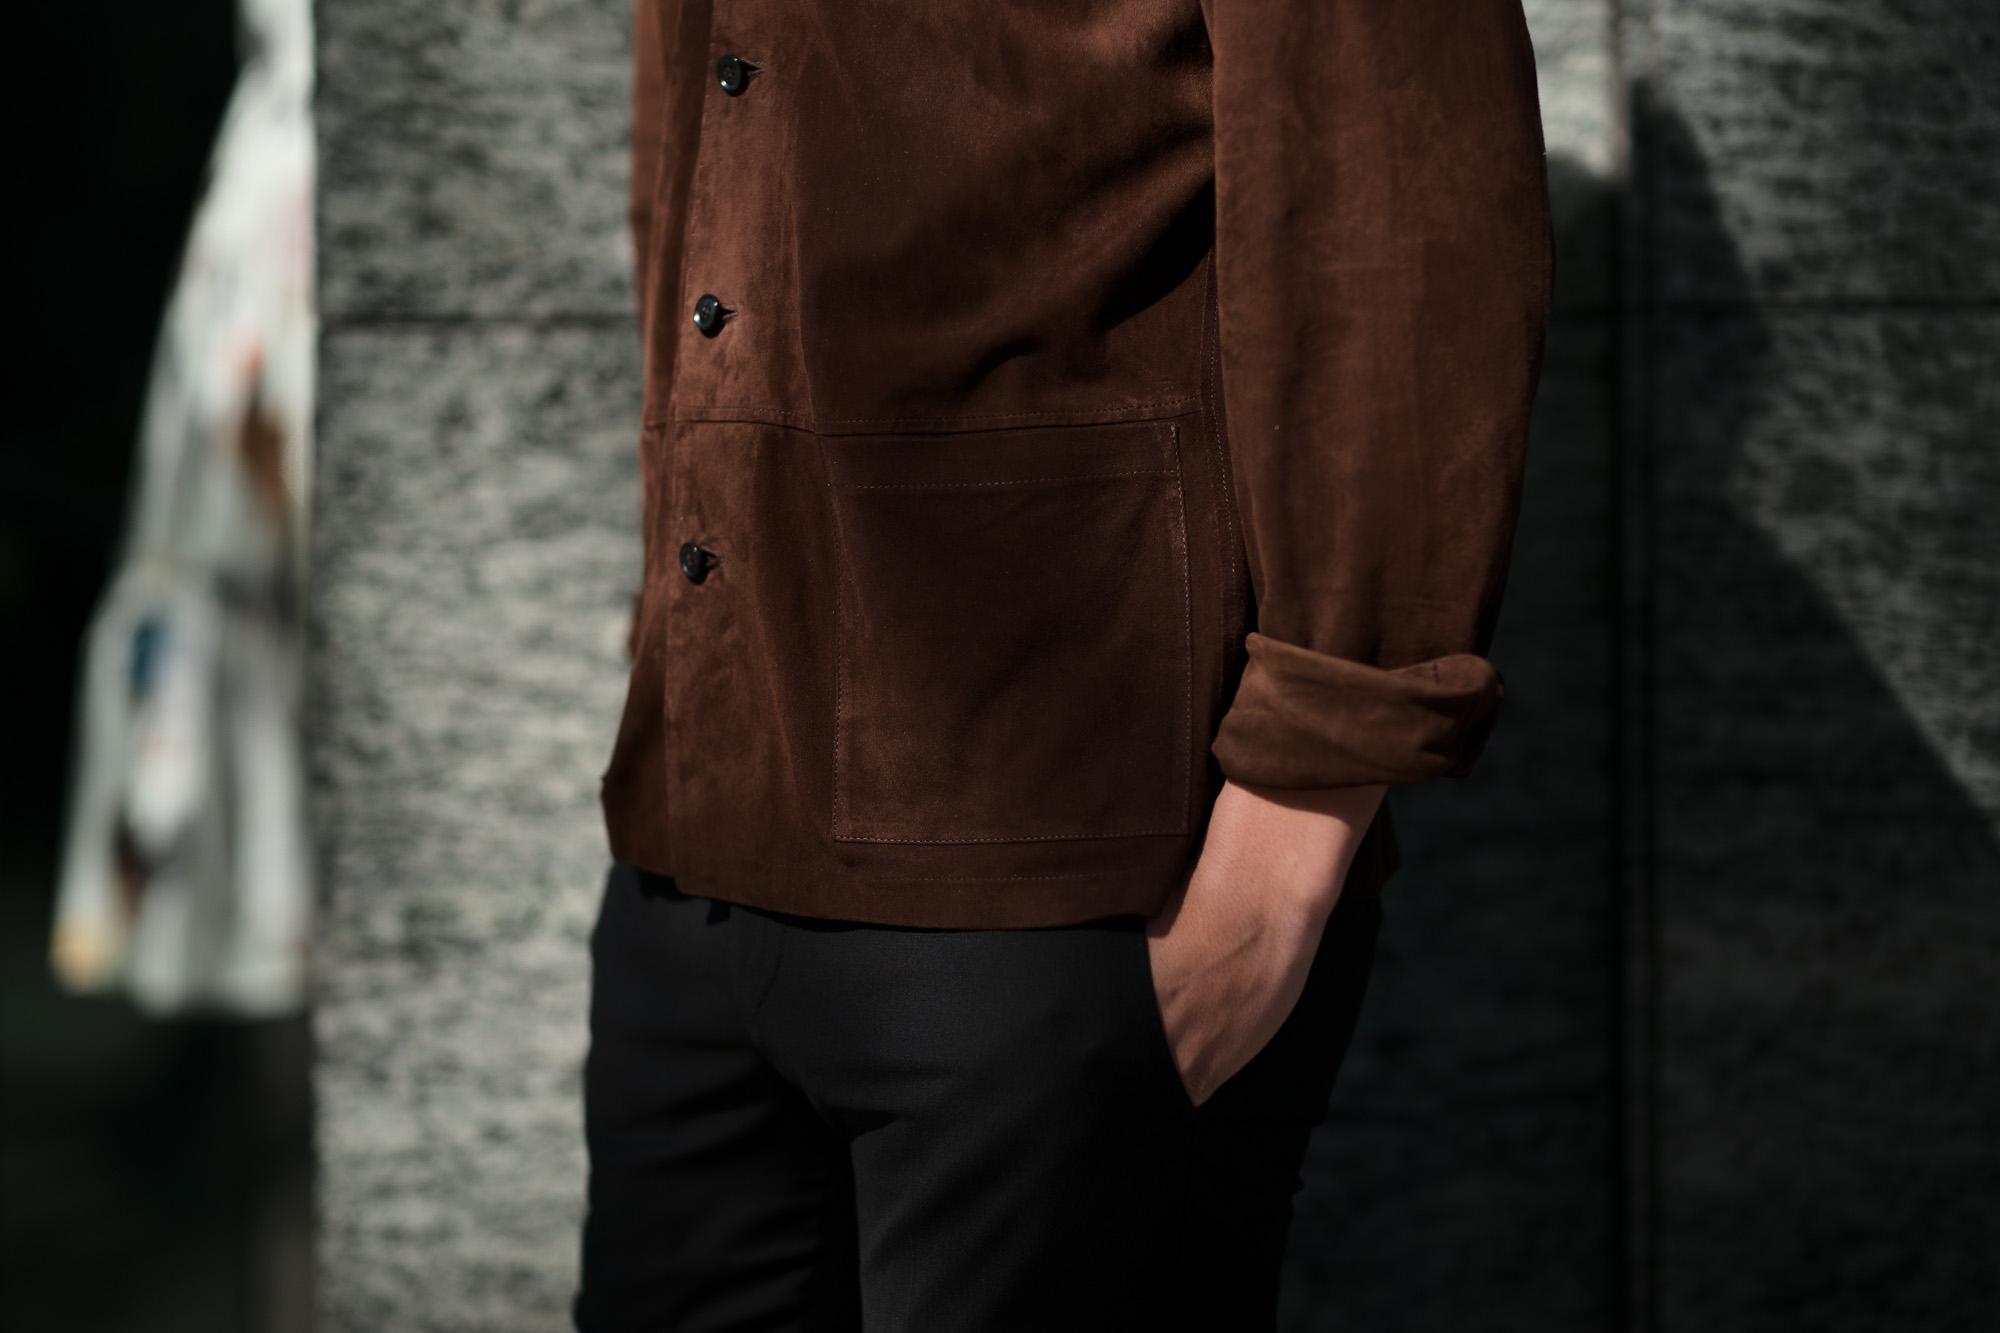 Alfredo Rifujio (アルフレード リフージオ) SS326 CAMOSCIO Summer Suede Leather Shirts サマースウェード レザーシャツ BROWN (ブラウン) made in italy (イタリア製) 2019 春夏新作 alfredorifujio アルフレードリフージオ 愛知 名古屋 Alto e Diritto アルト エ デリット alto e diritto アルトエデリット レザージャケット 素肌にレザー 42,44,46,48,50,52